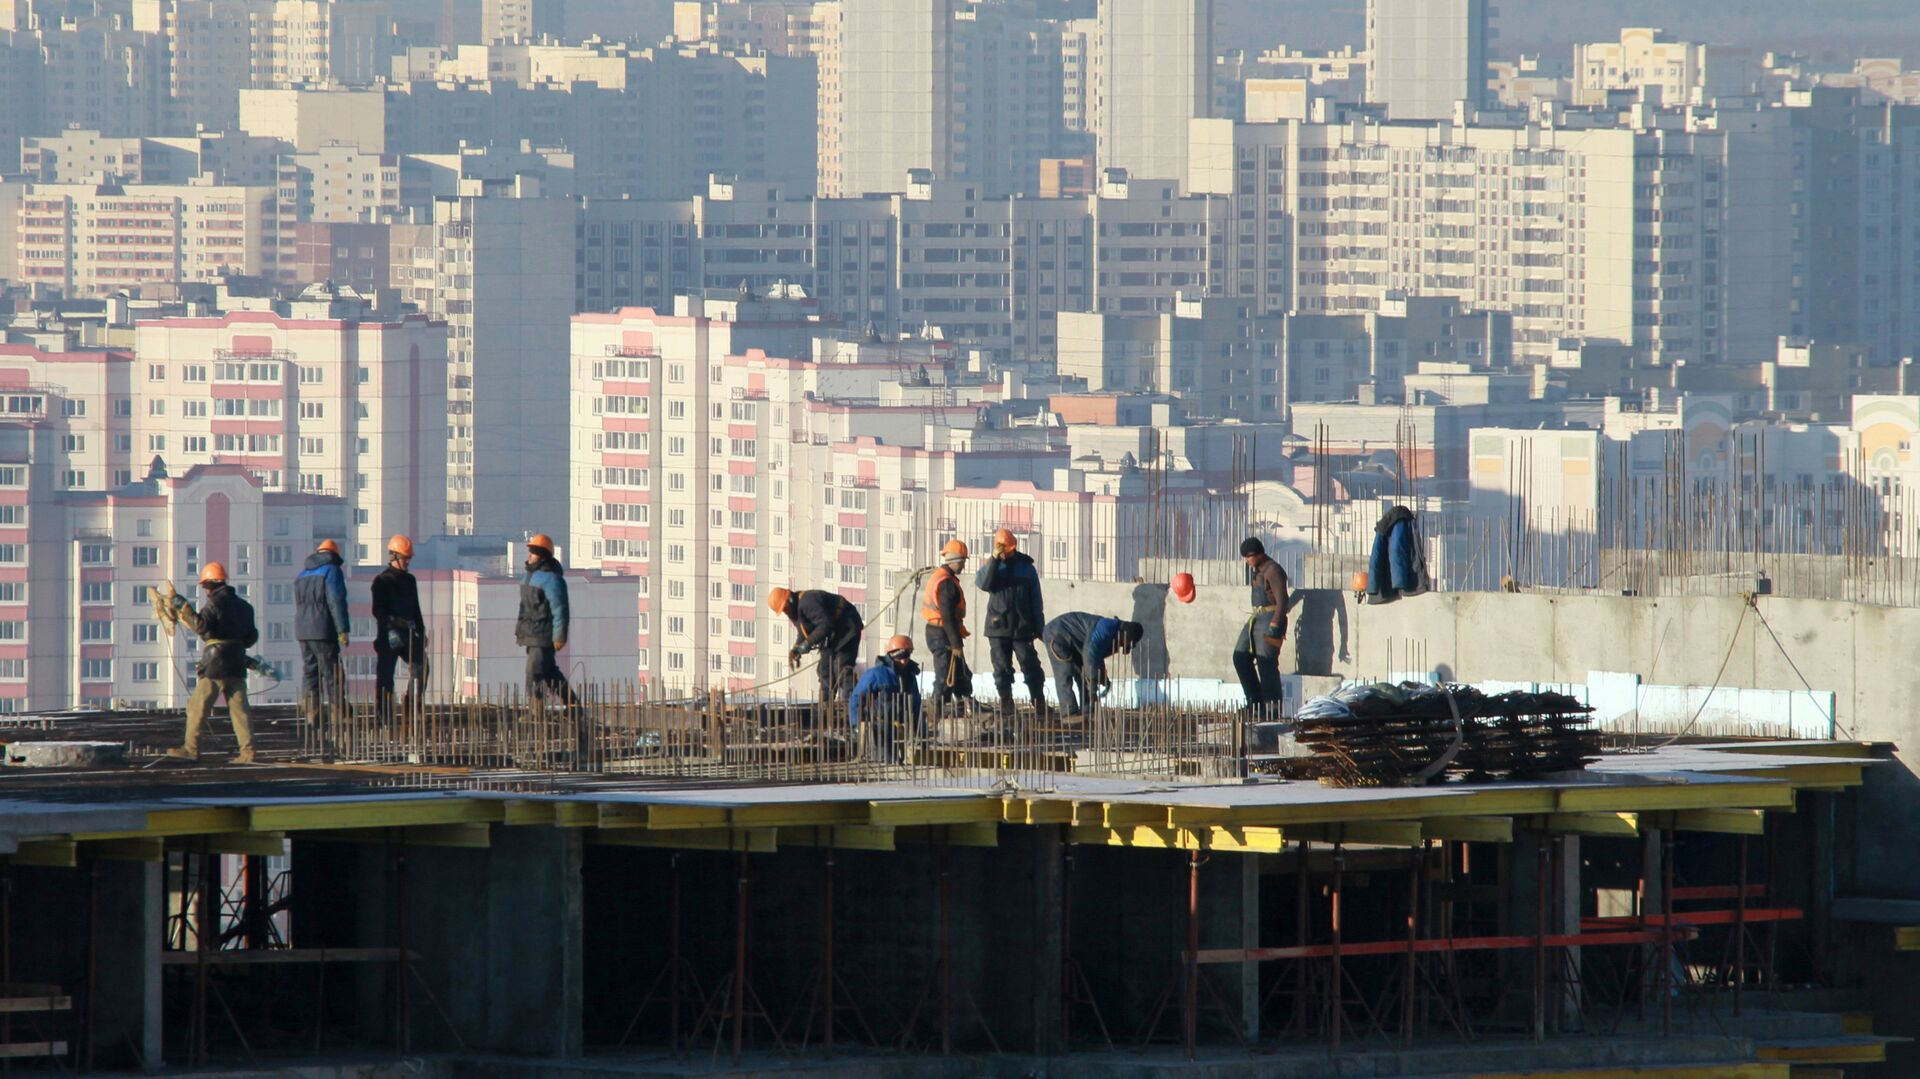 Рабочие на строительстве одного из корпусов жилого комплекса - РИА Новости, 1920, 27.08.2020